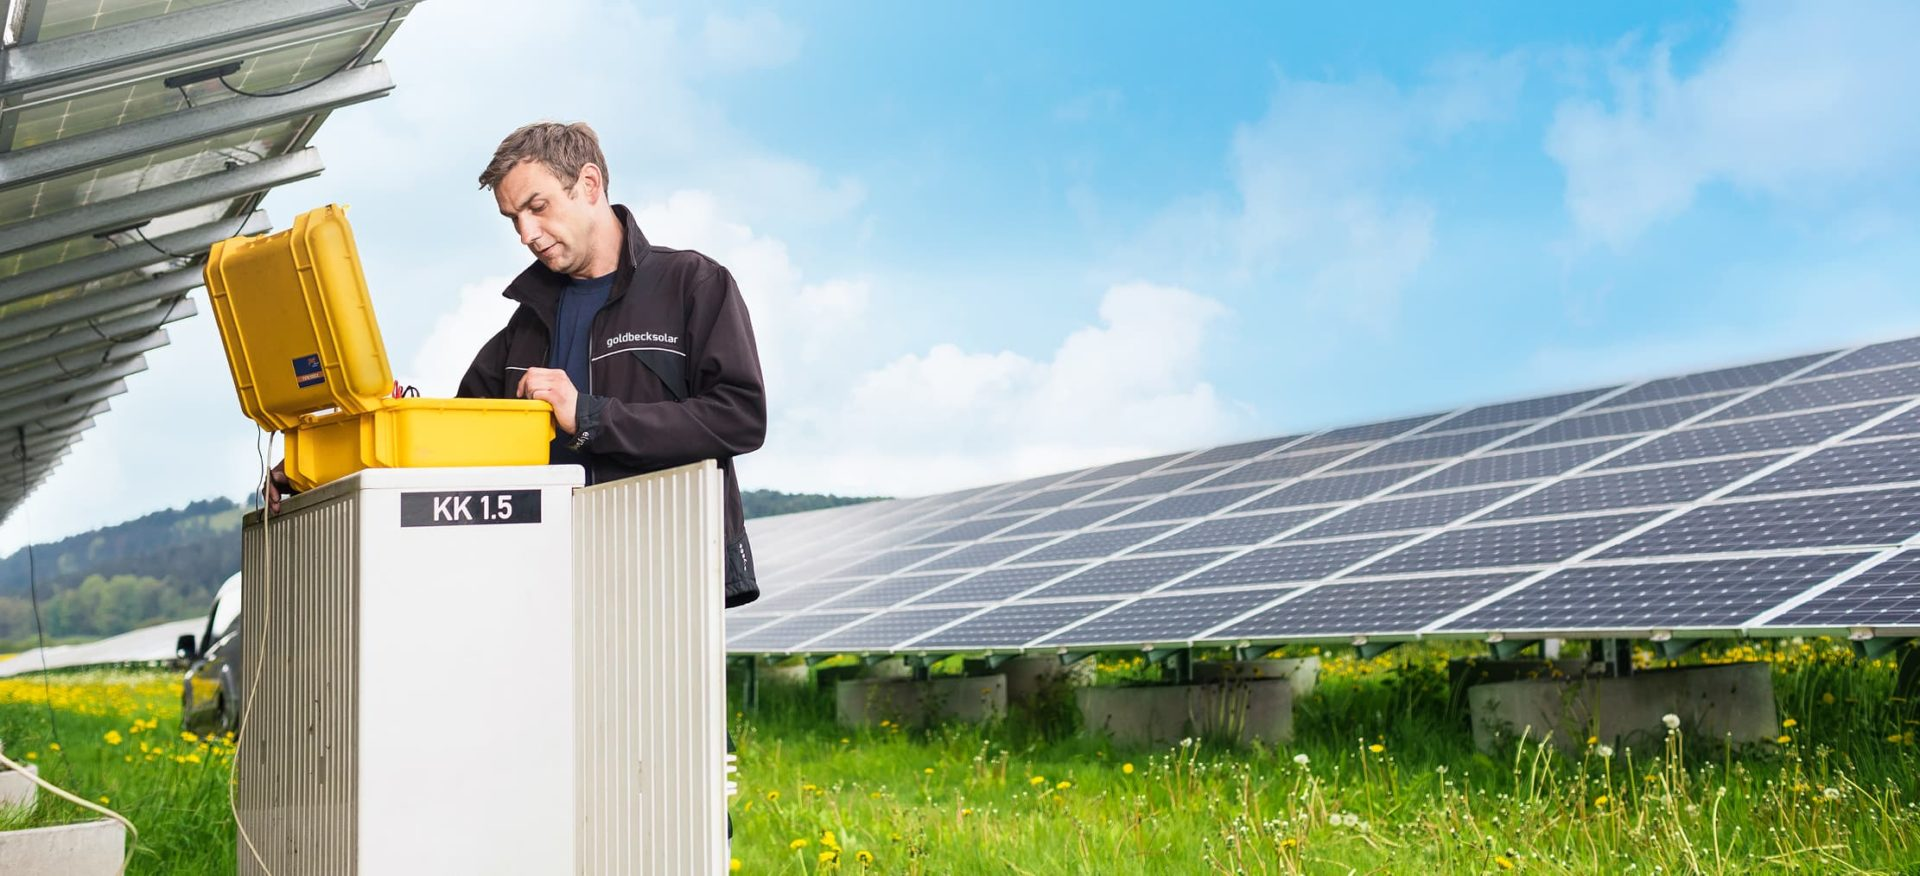 Betrieb und Wartung einer großen Solaranlagen von GOLDBECK SOLAR